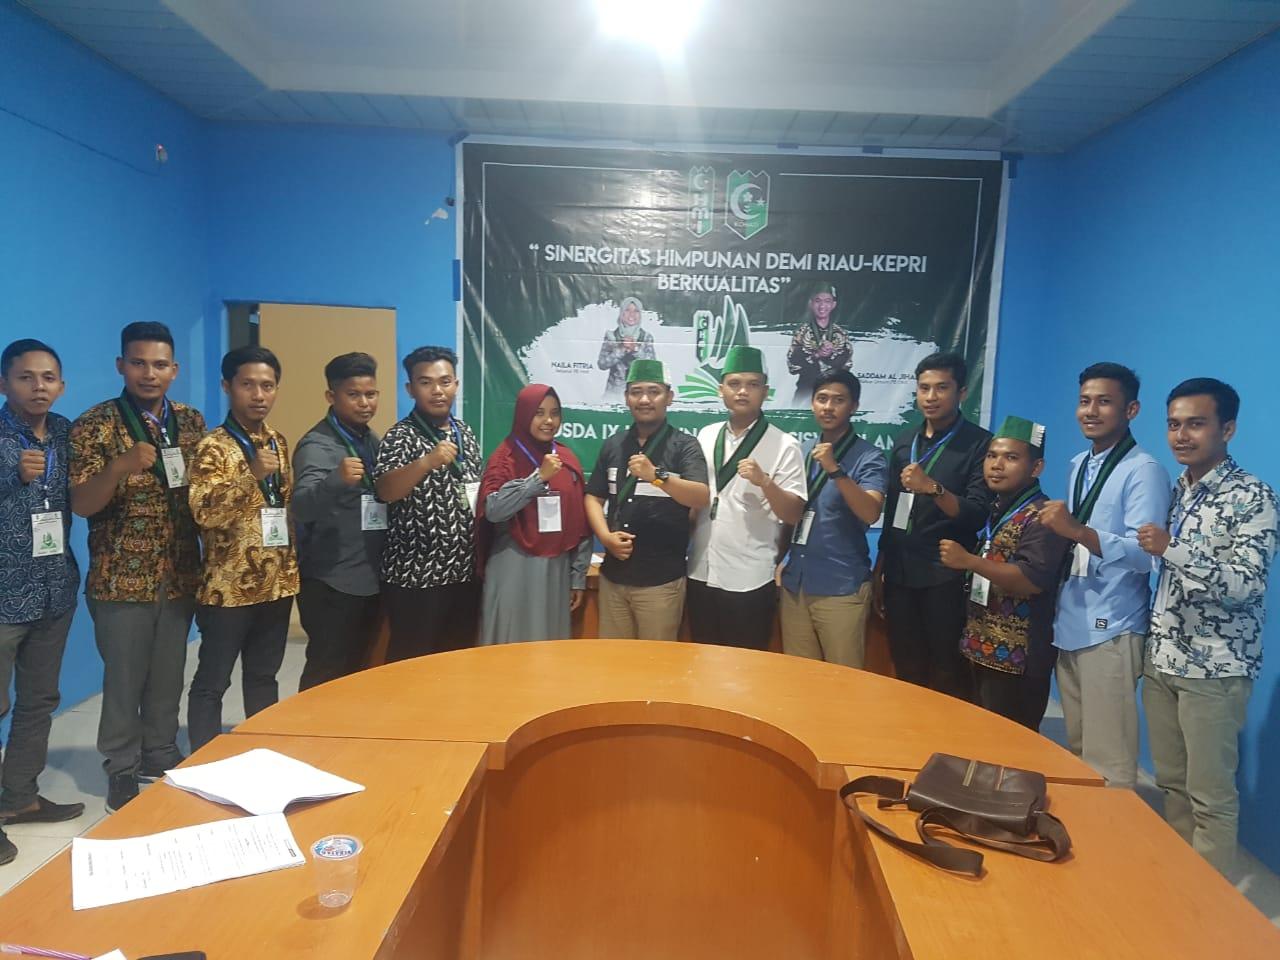 Sahrin Pimpin HMI Badko Riau-Kepri